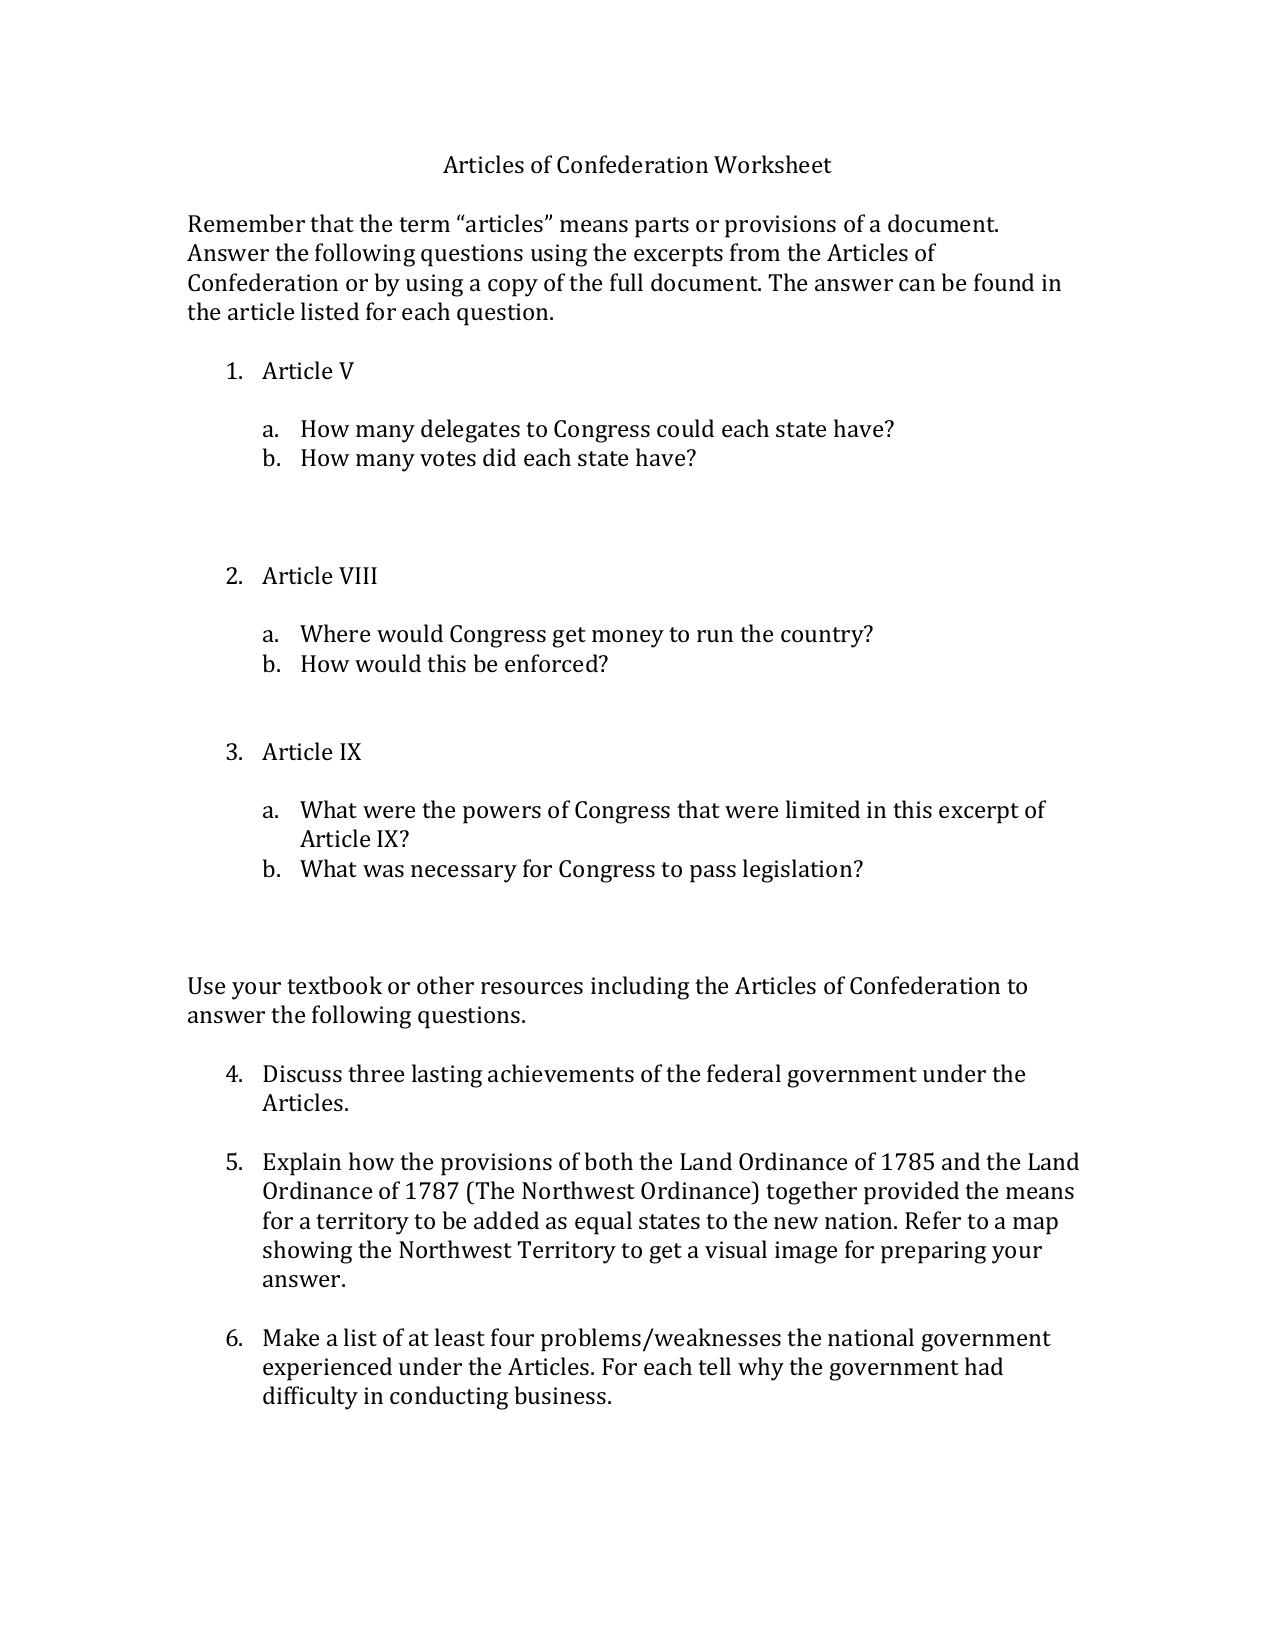 worksheet Child Support Worksheets maryland child support worksheet worksheets reference letter from worksheets